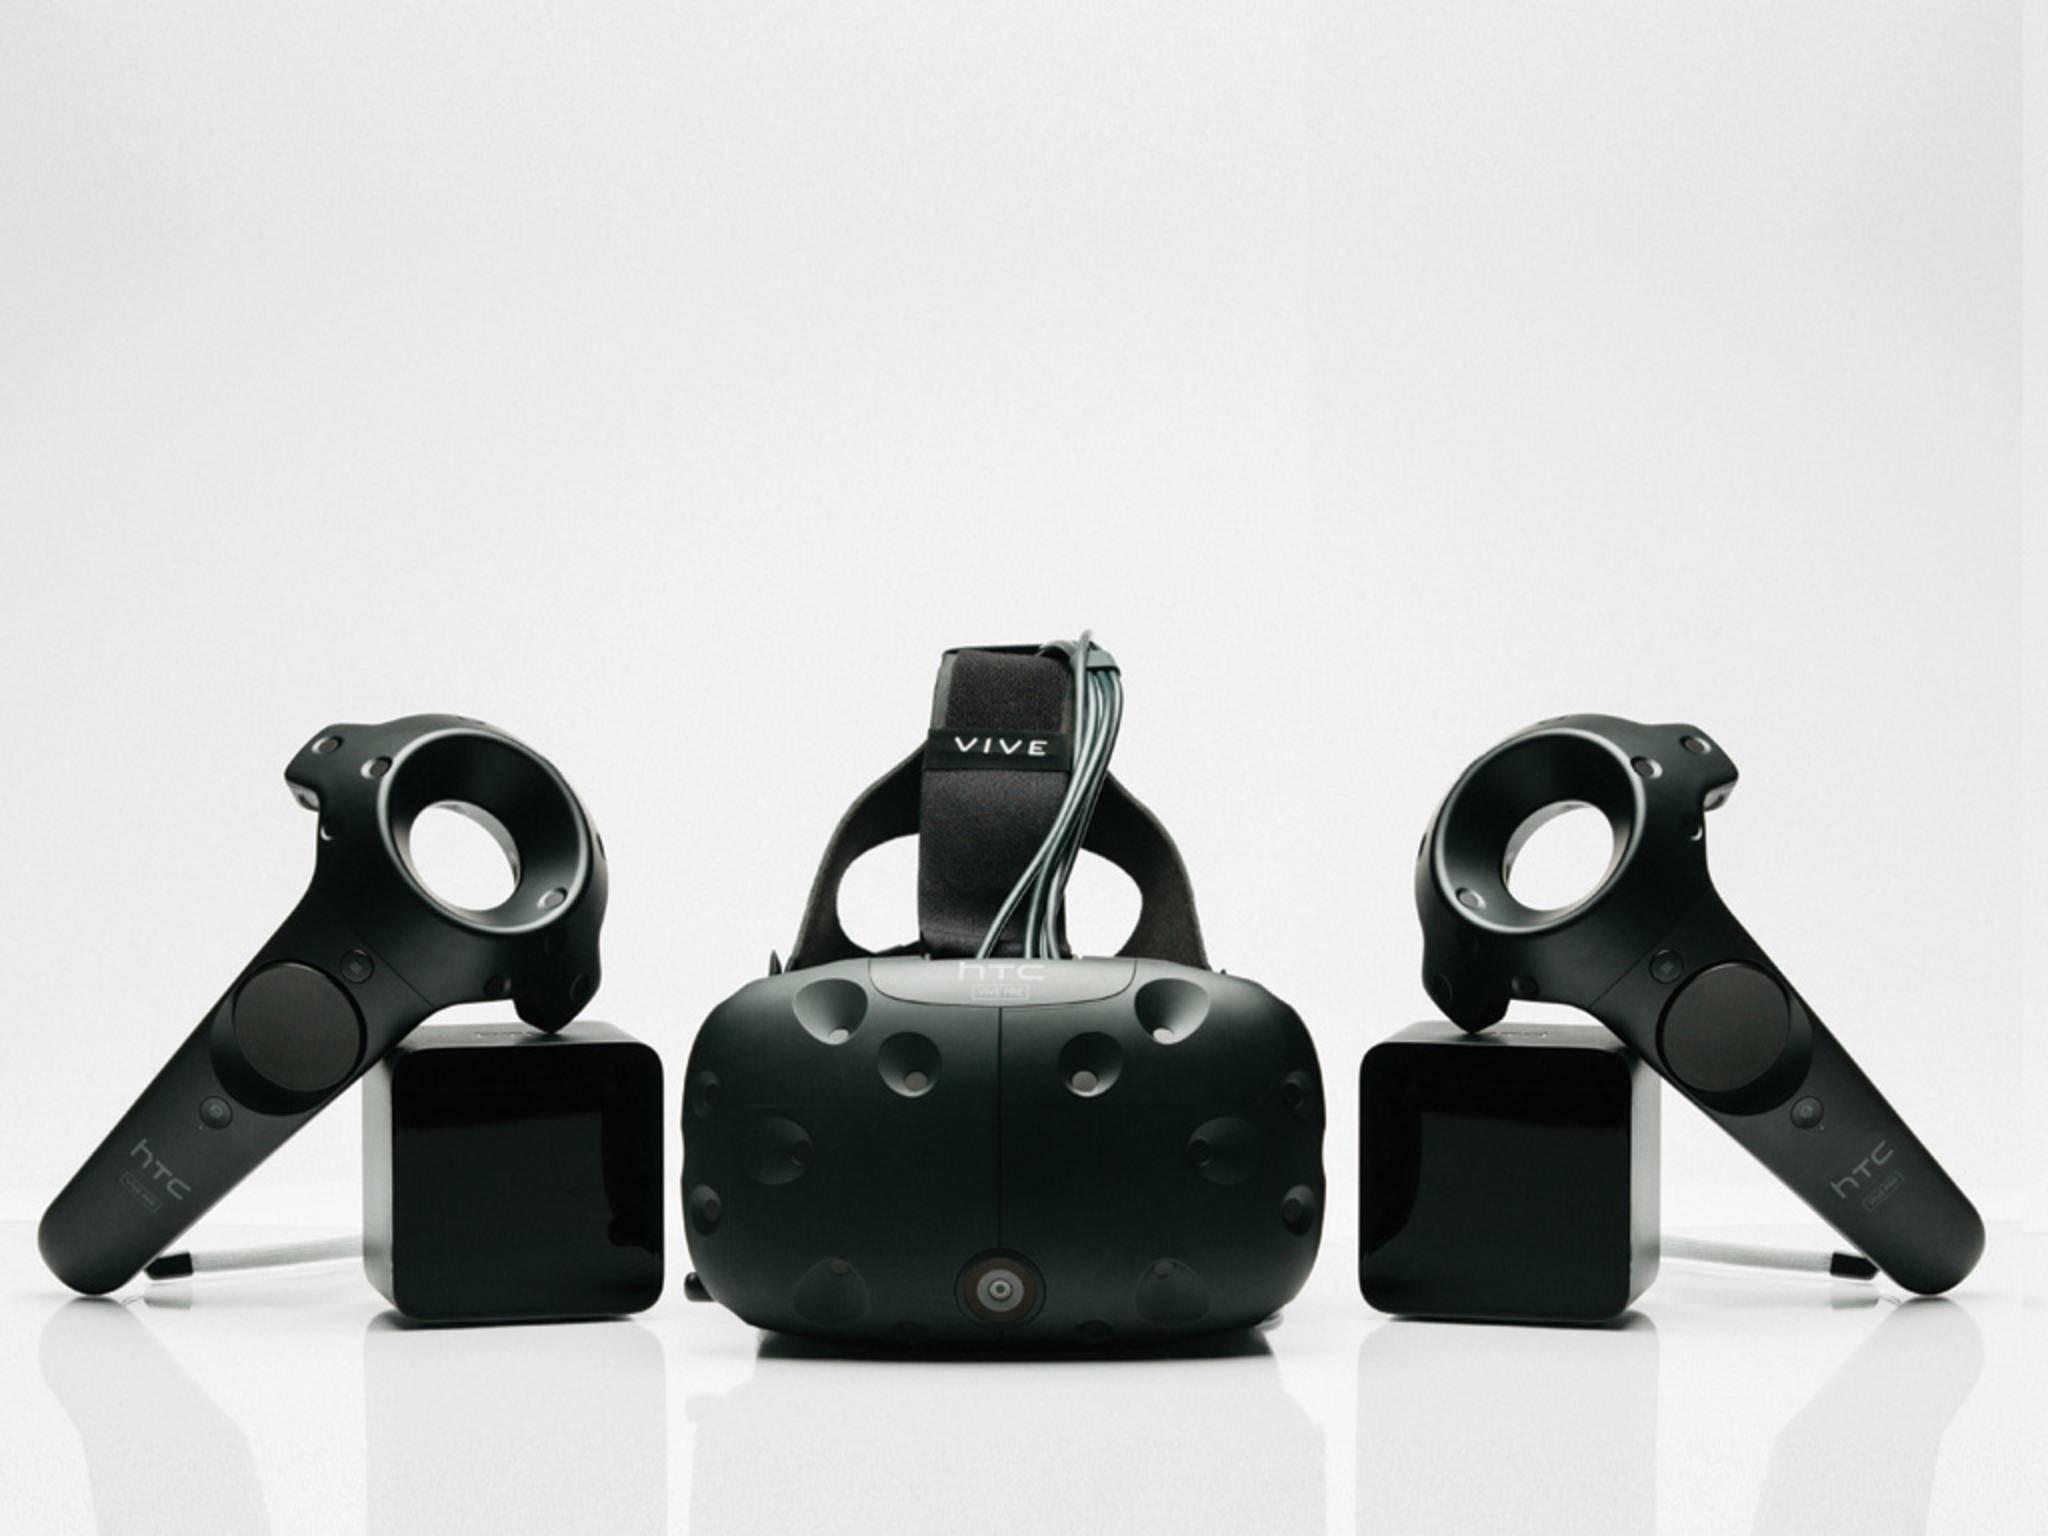 Die HTC Vive wird zusammen mit Controllern und Sensoren ausgeliefert.